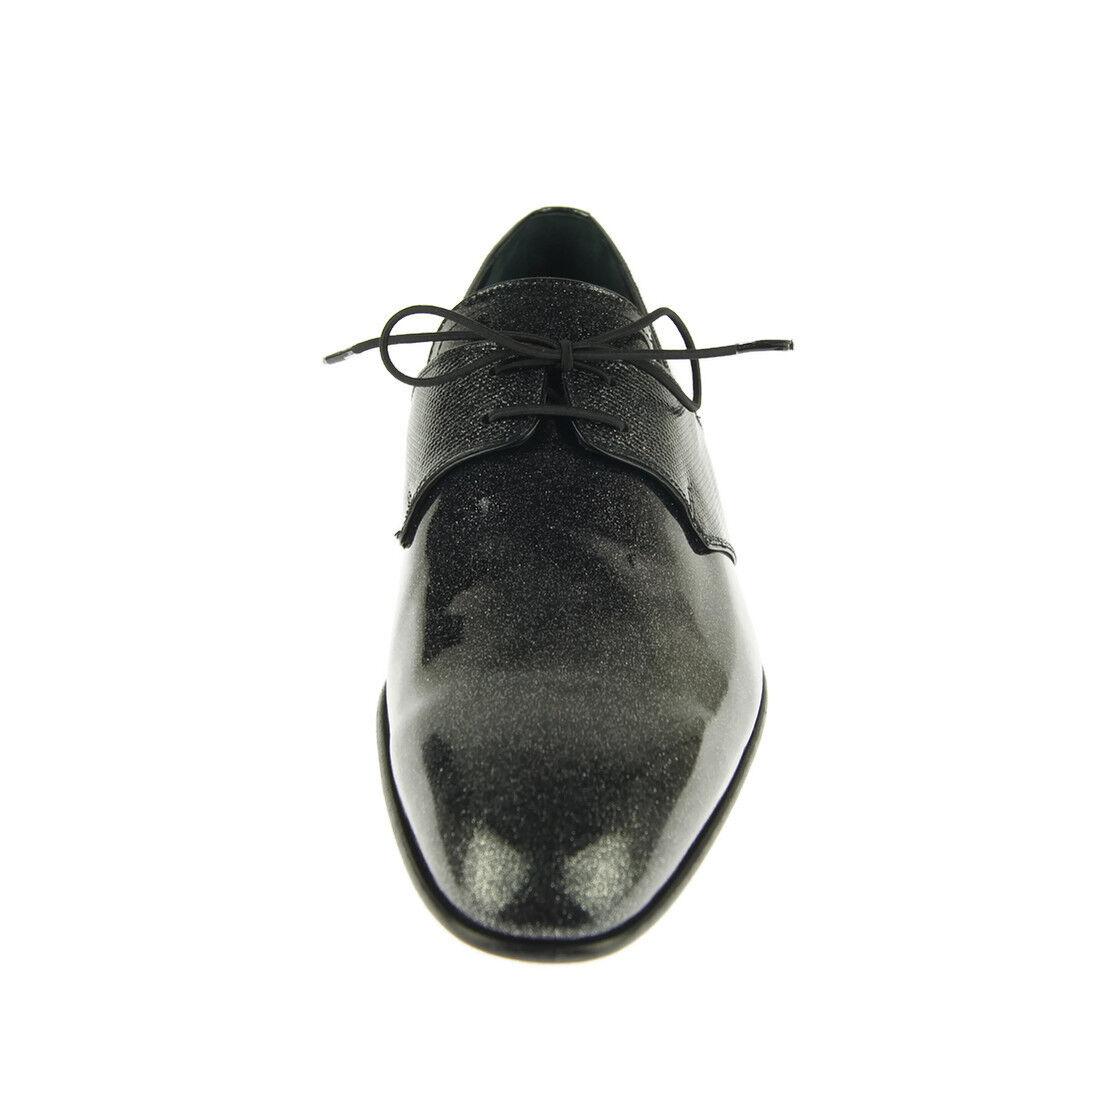 Corrente 3454 Luccicante Non Stringato Stringato Stringato Derby,Uomo Abito Formale Scarpe in pelle, f177ac